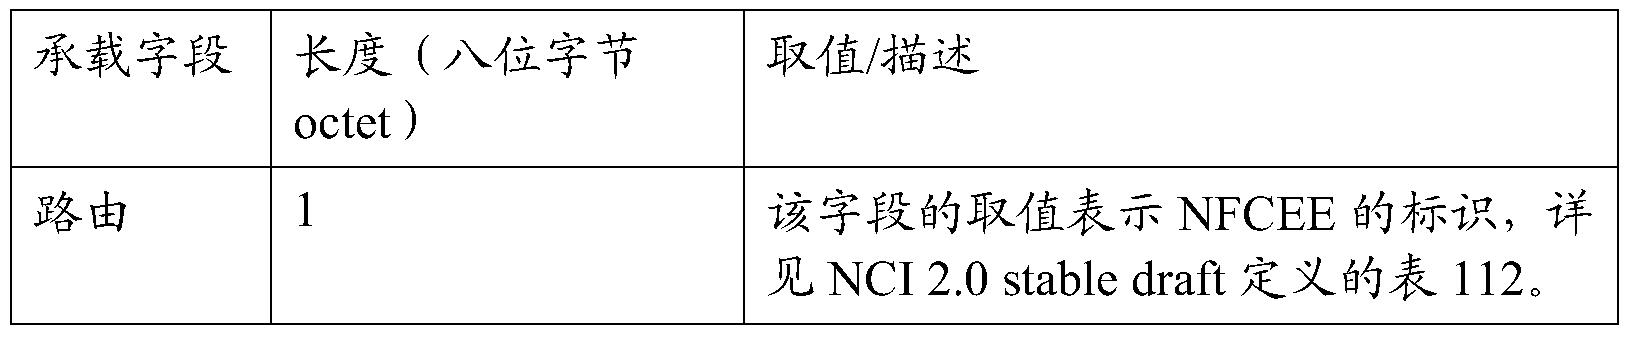 Figure PCTCN2014087999-appb-000007